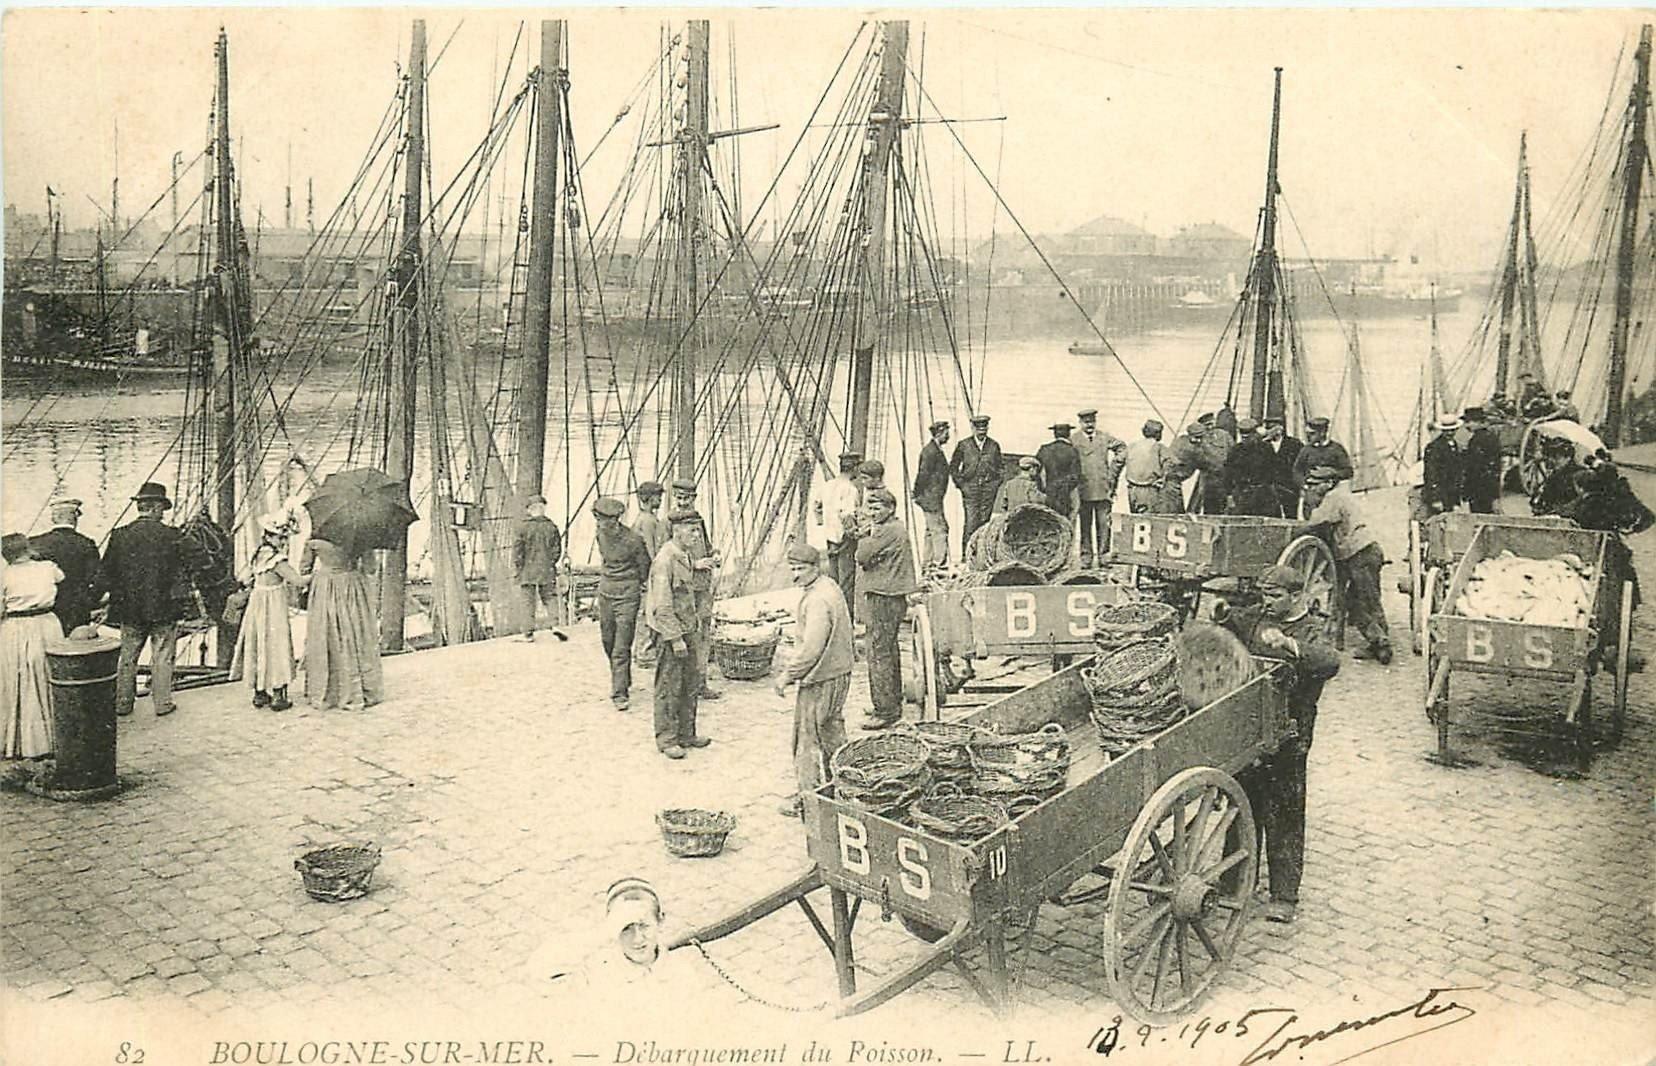 62 BOULOGNE-SUR-MER. Le Débarquement du Poisson Pêcheurs et Bateaux 1905